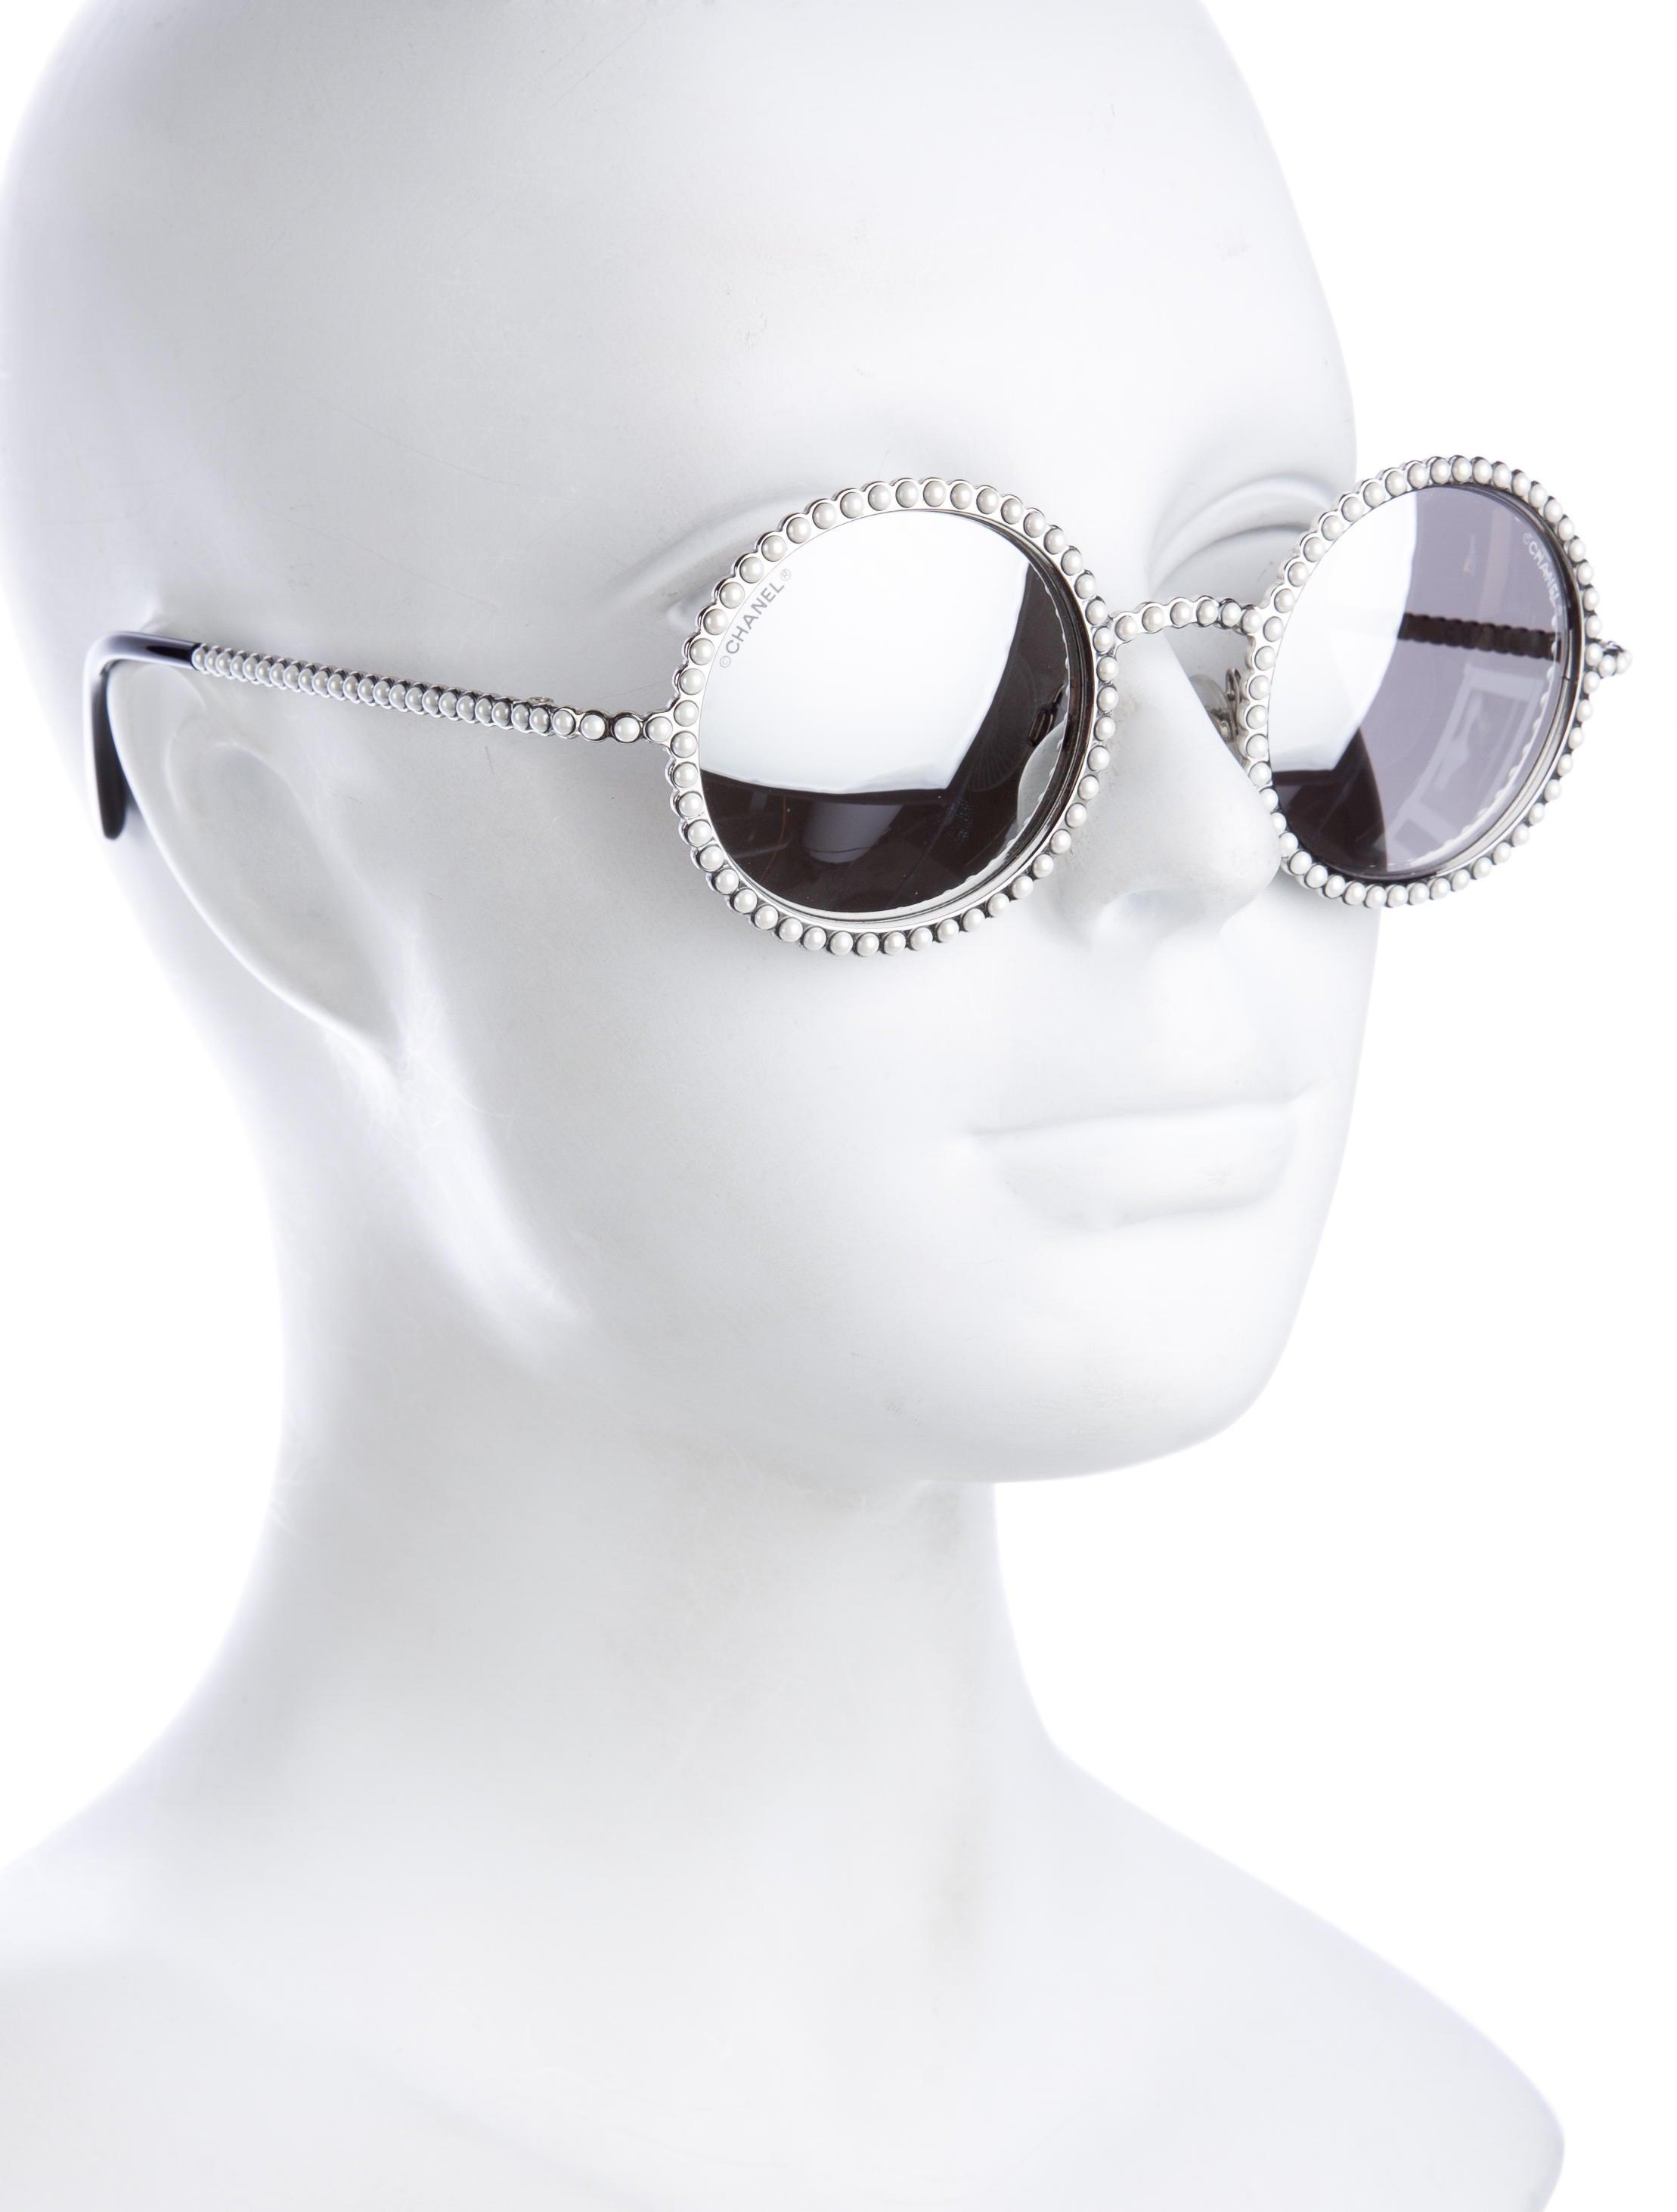 ff2d7232b1 Chanel 2016 Pearl Round Sunglasses - Accessories - CHA173909